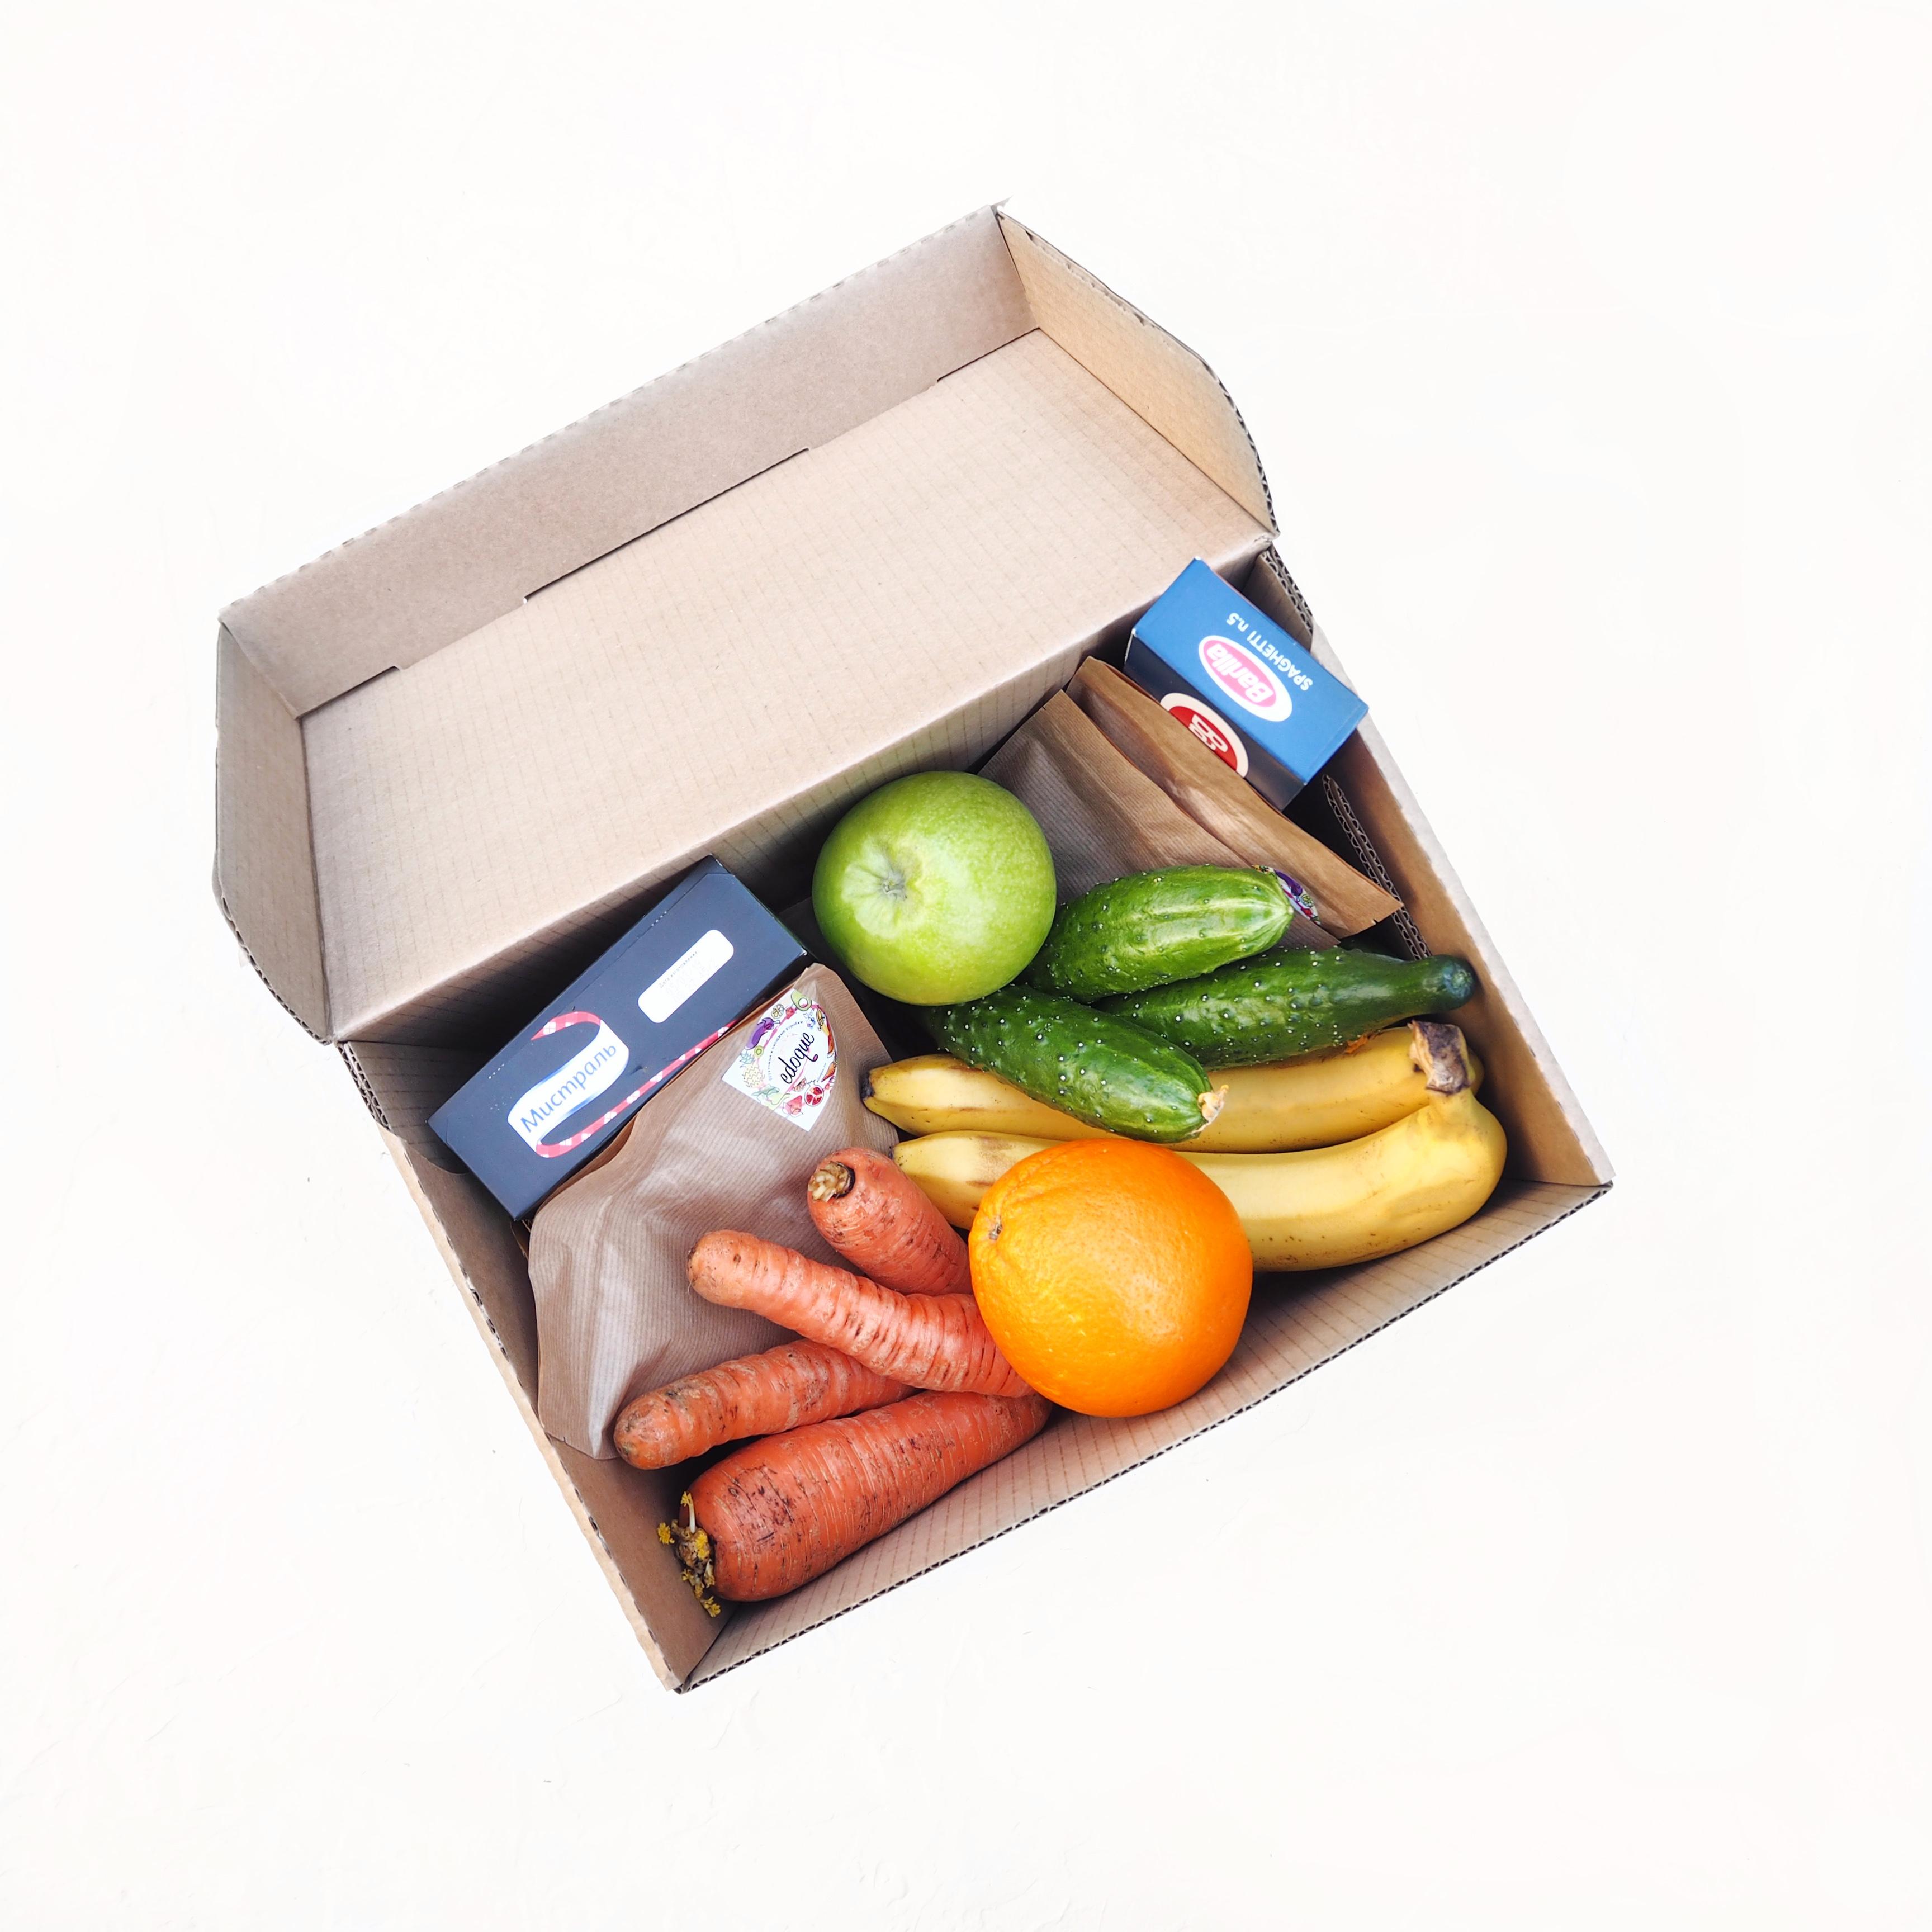 Детская коробка для детей 3-7 лет